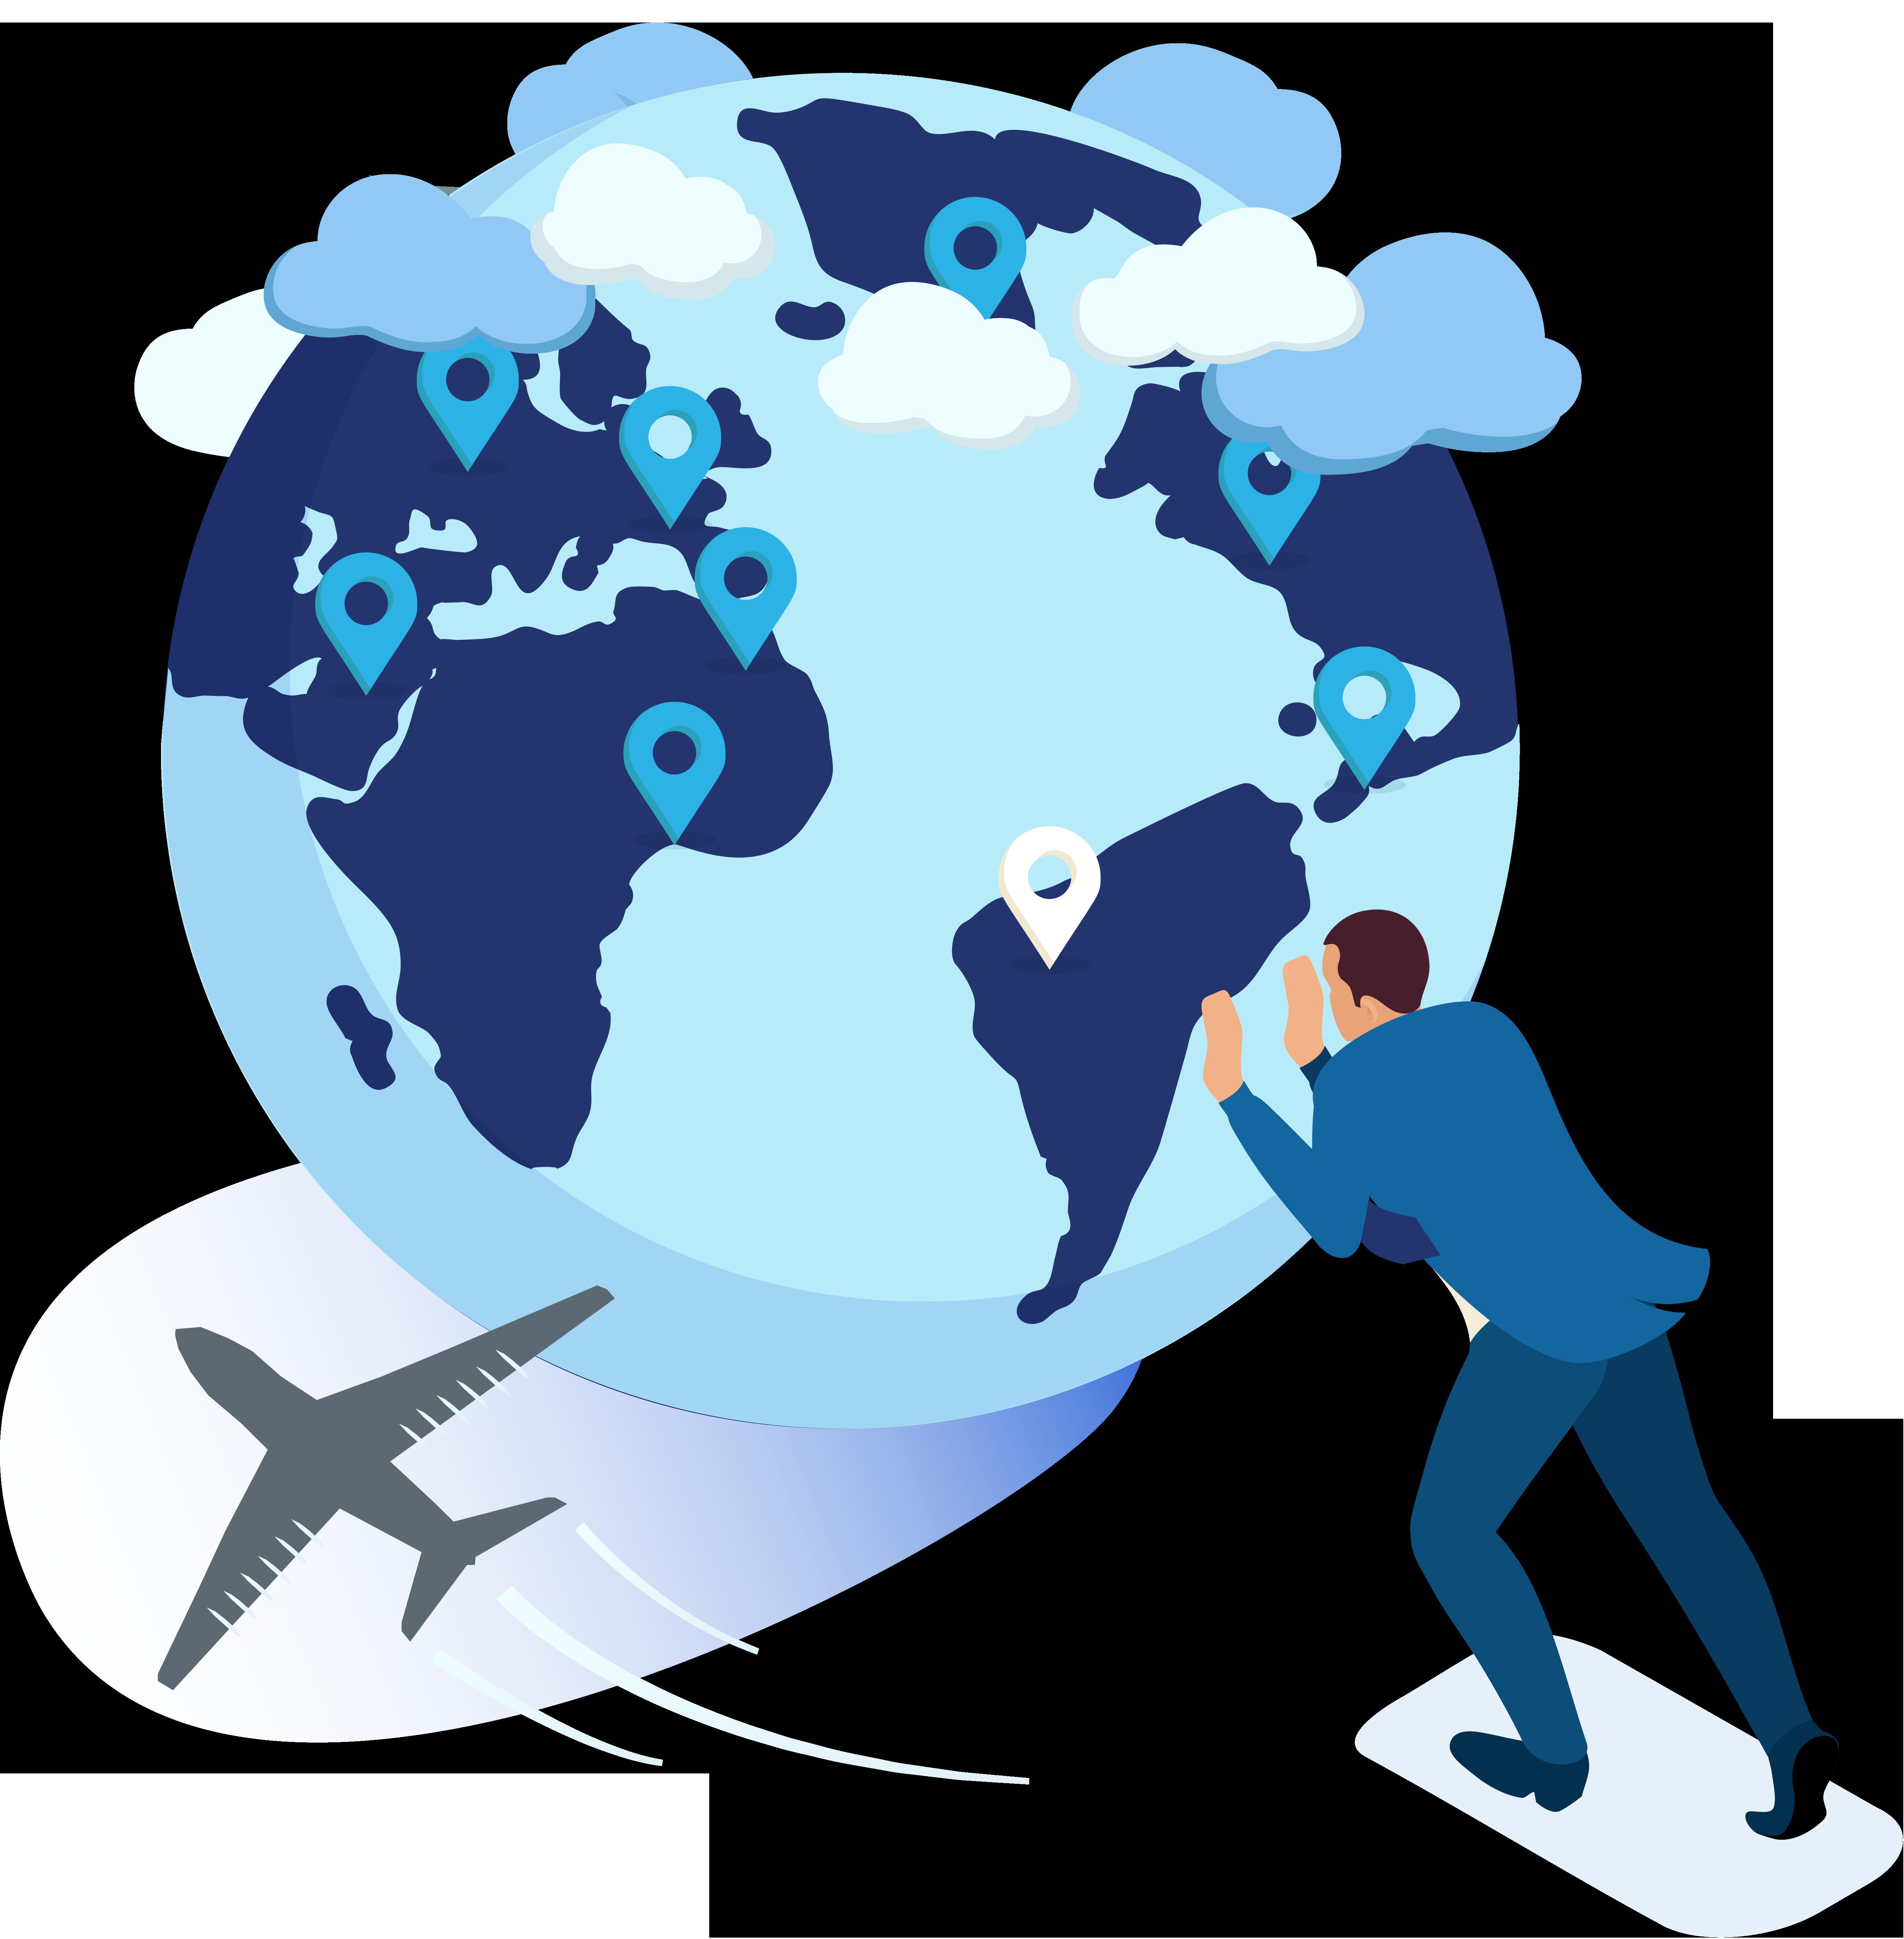 Man in blauw pak duwt blauwe wereldbol vooruit, er vliegt een vliegtuig om de wereldbol heen en er zijn wolken